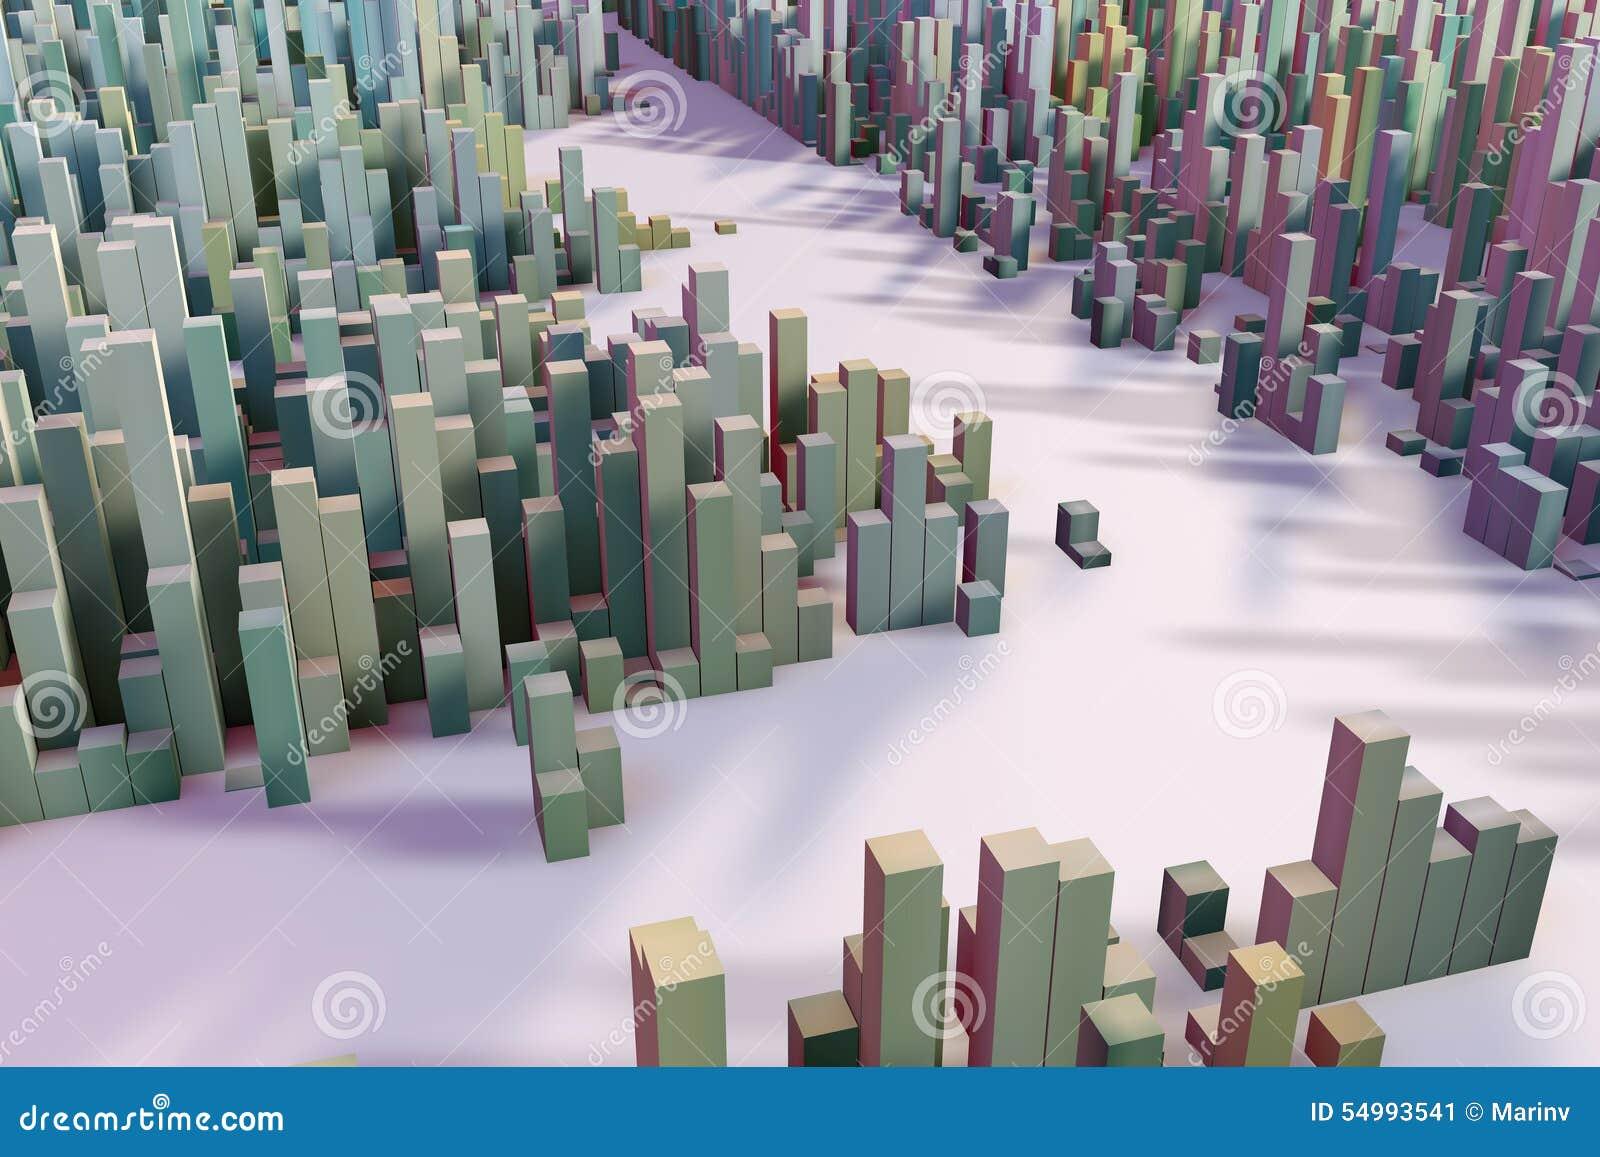 Champ coloré des colonnes de cube qui composent l entité abstraite